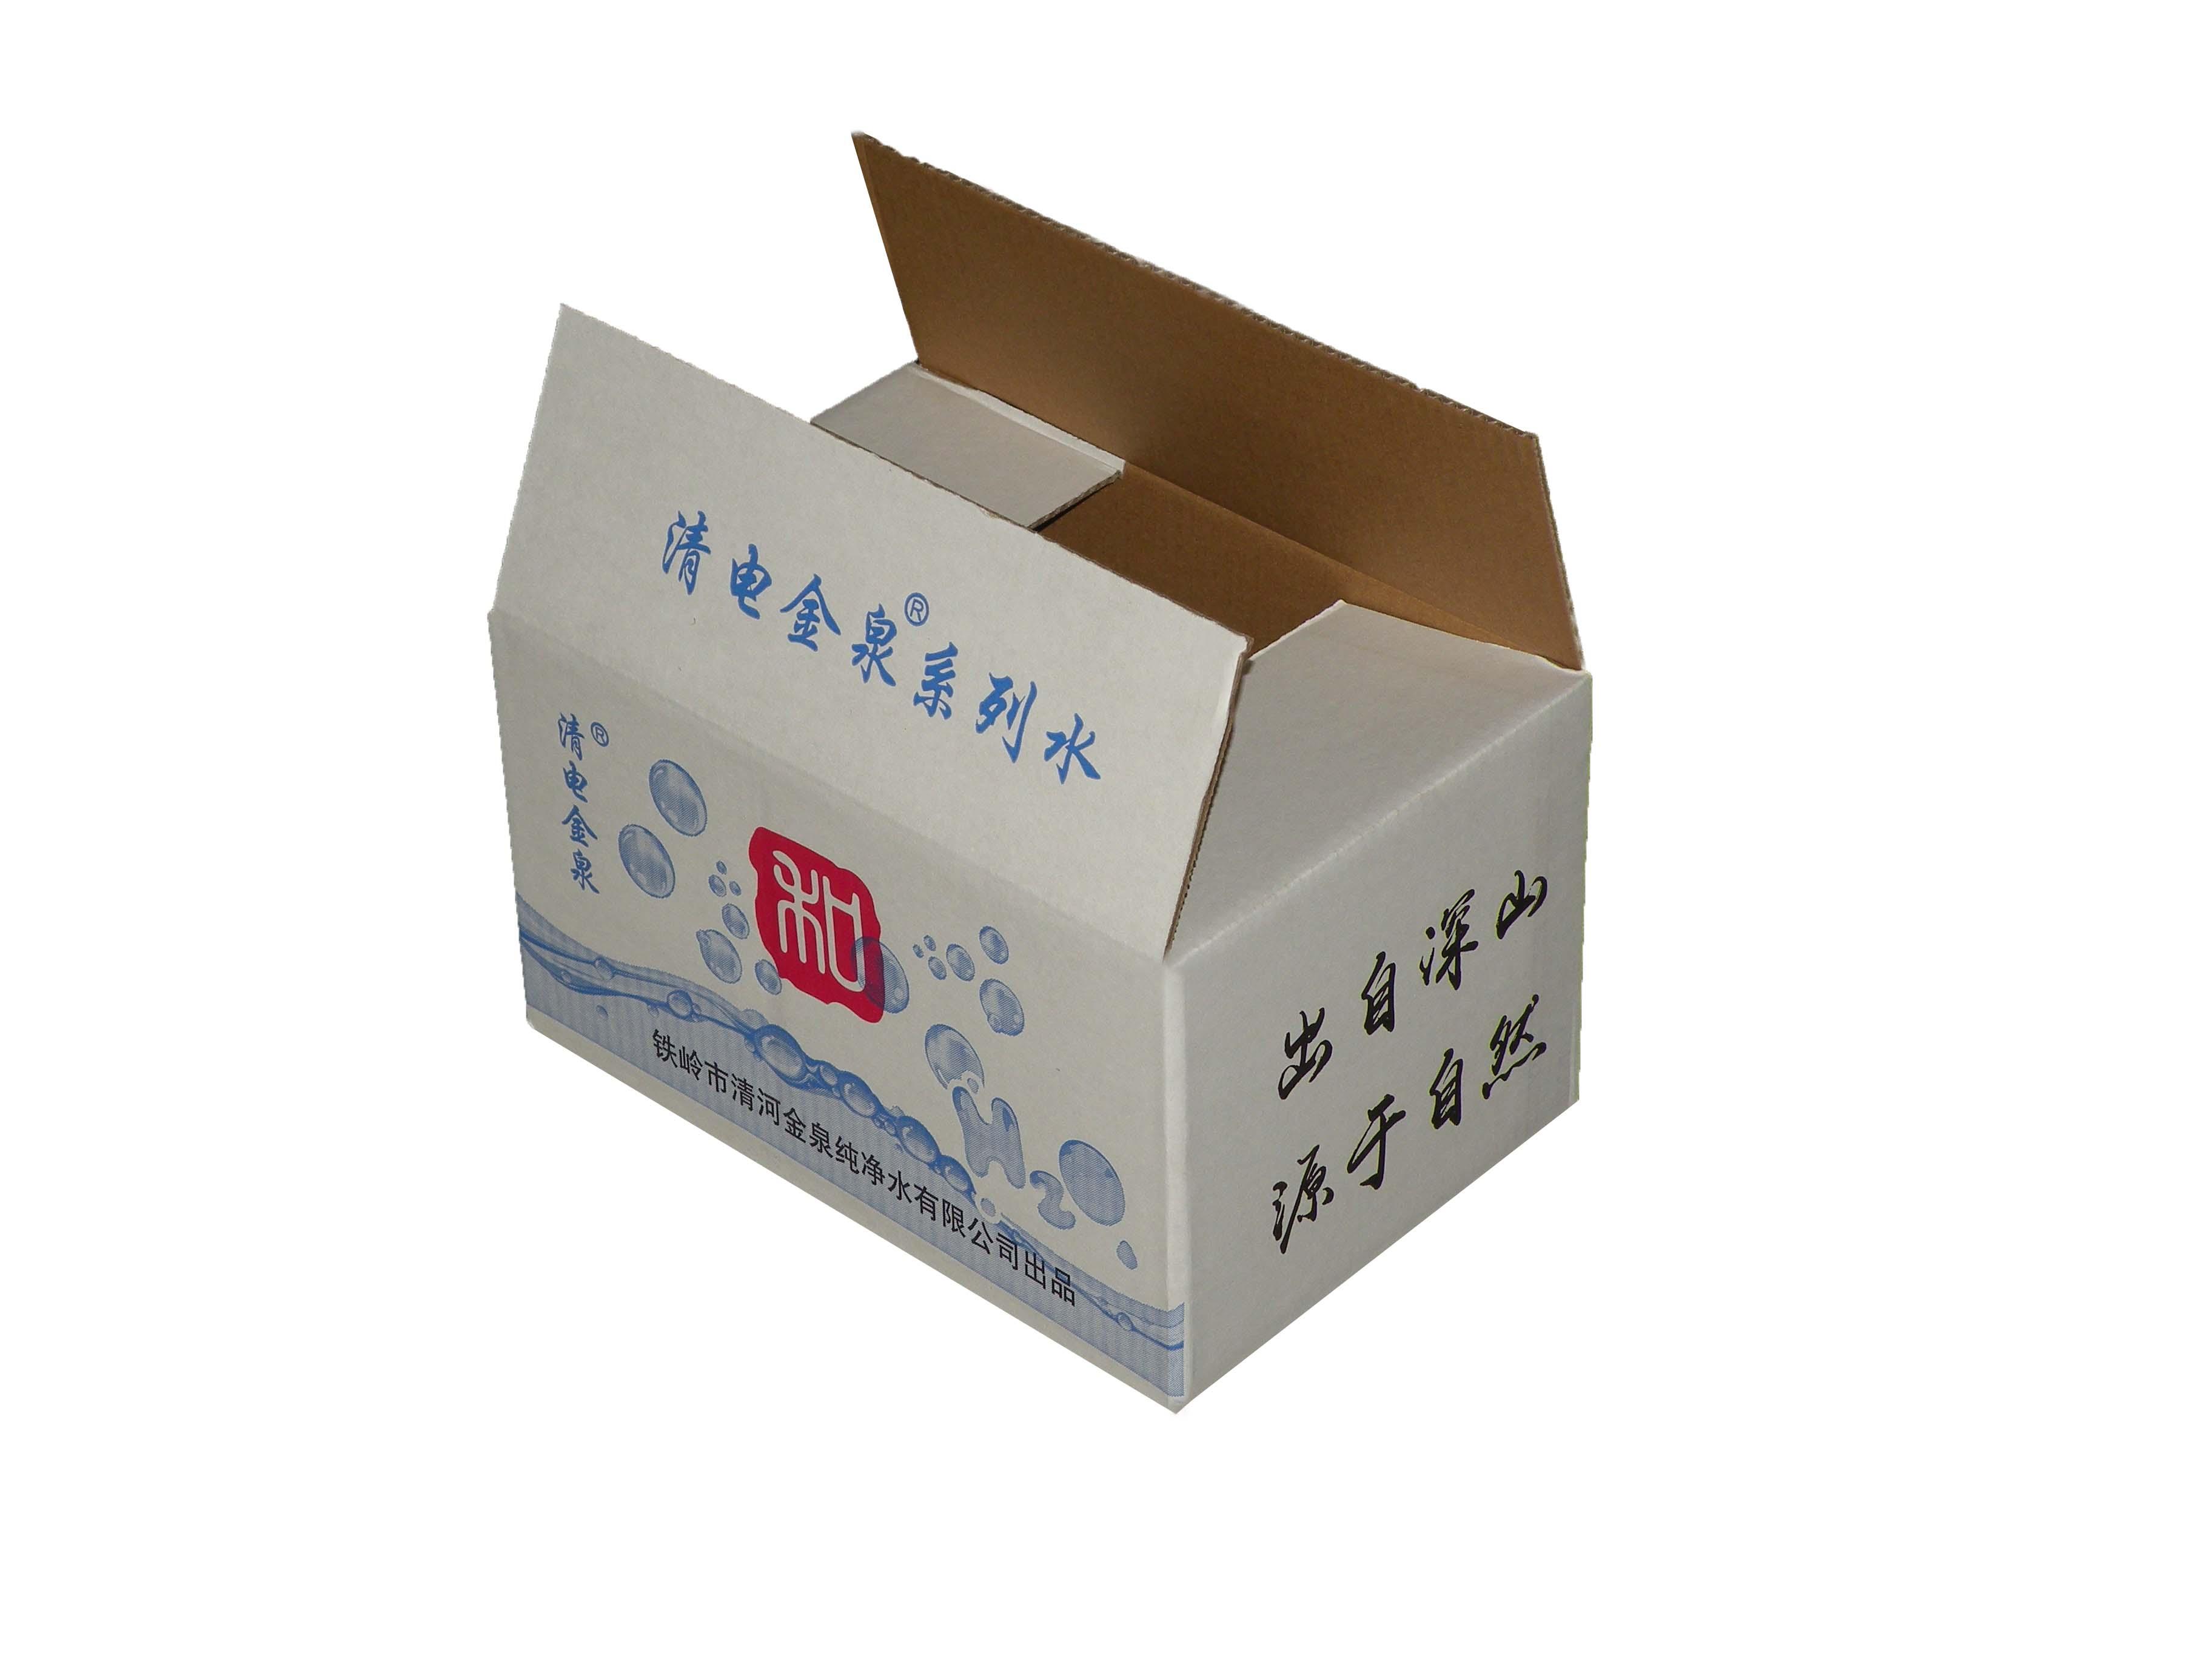 鞍山紙箱紙板生產廠家:紙箱是如何制造的?